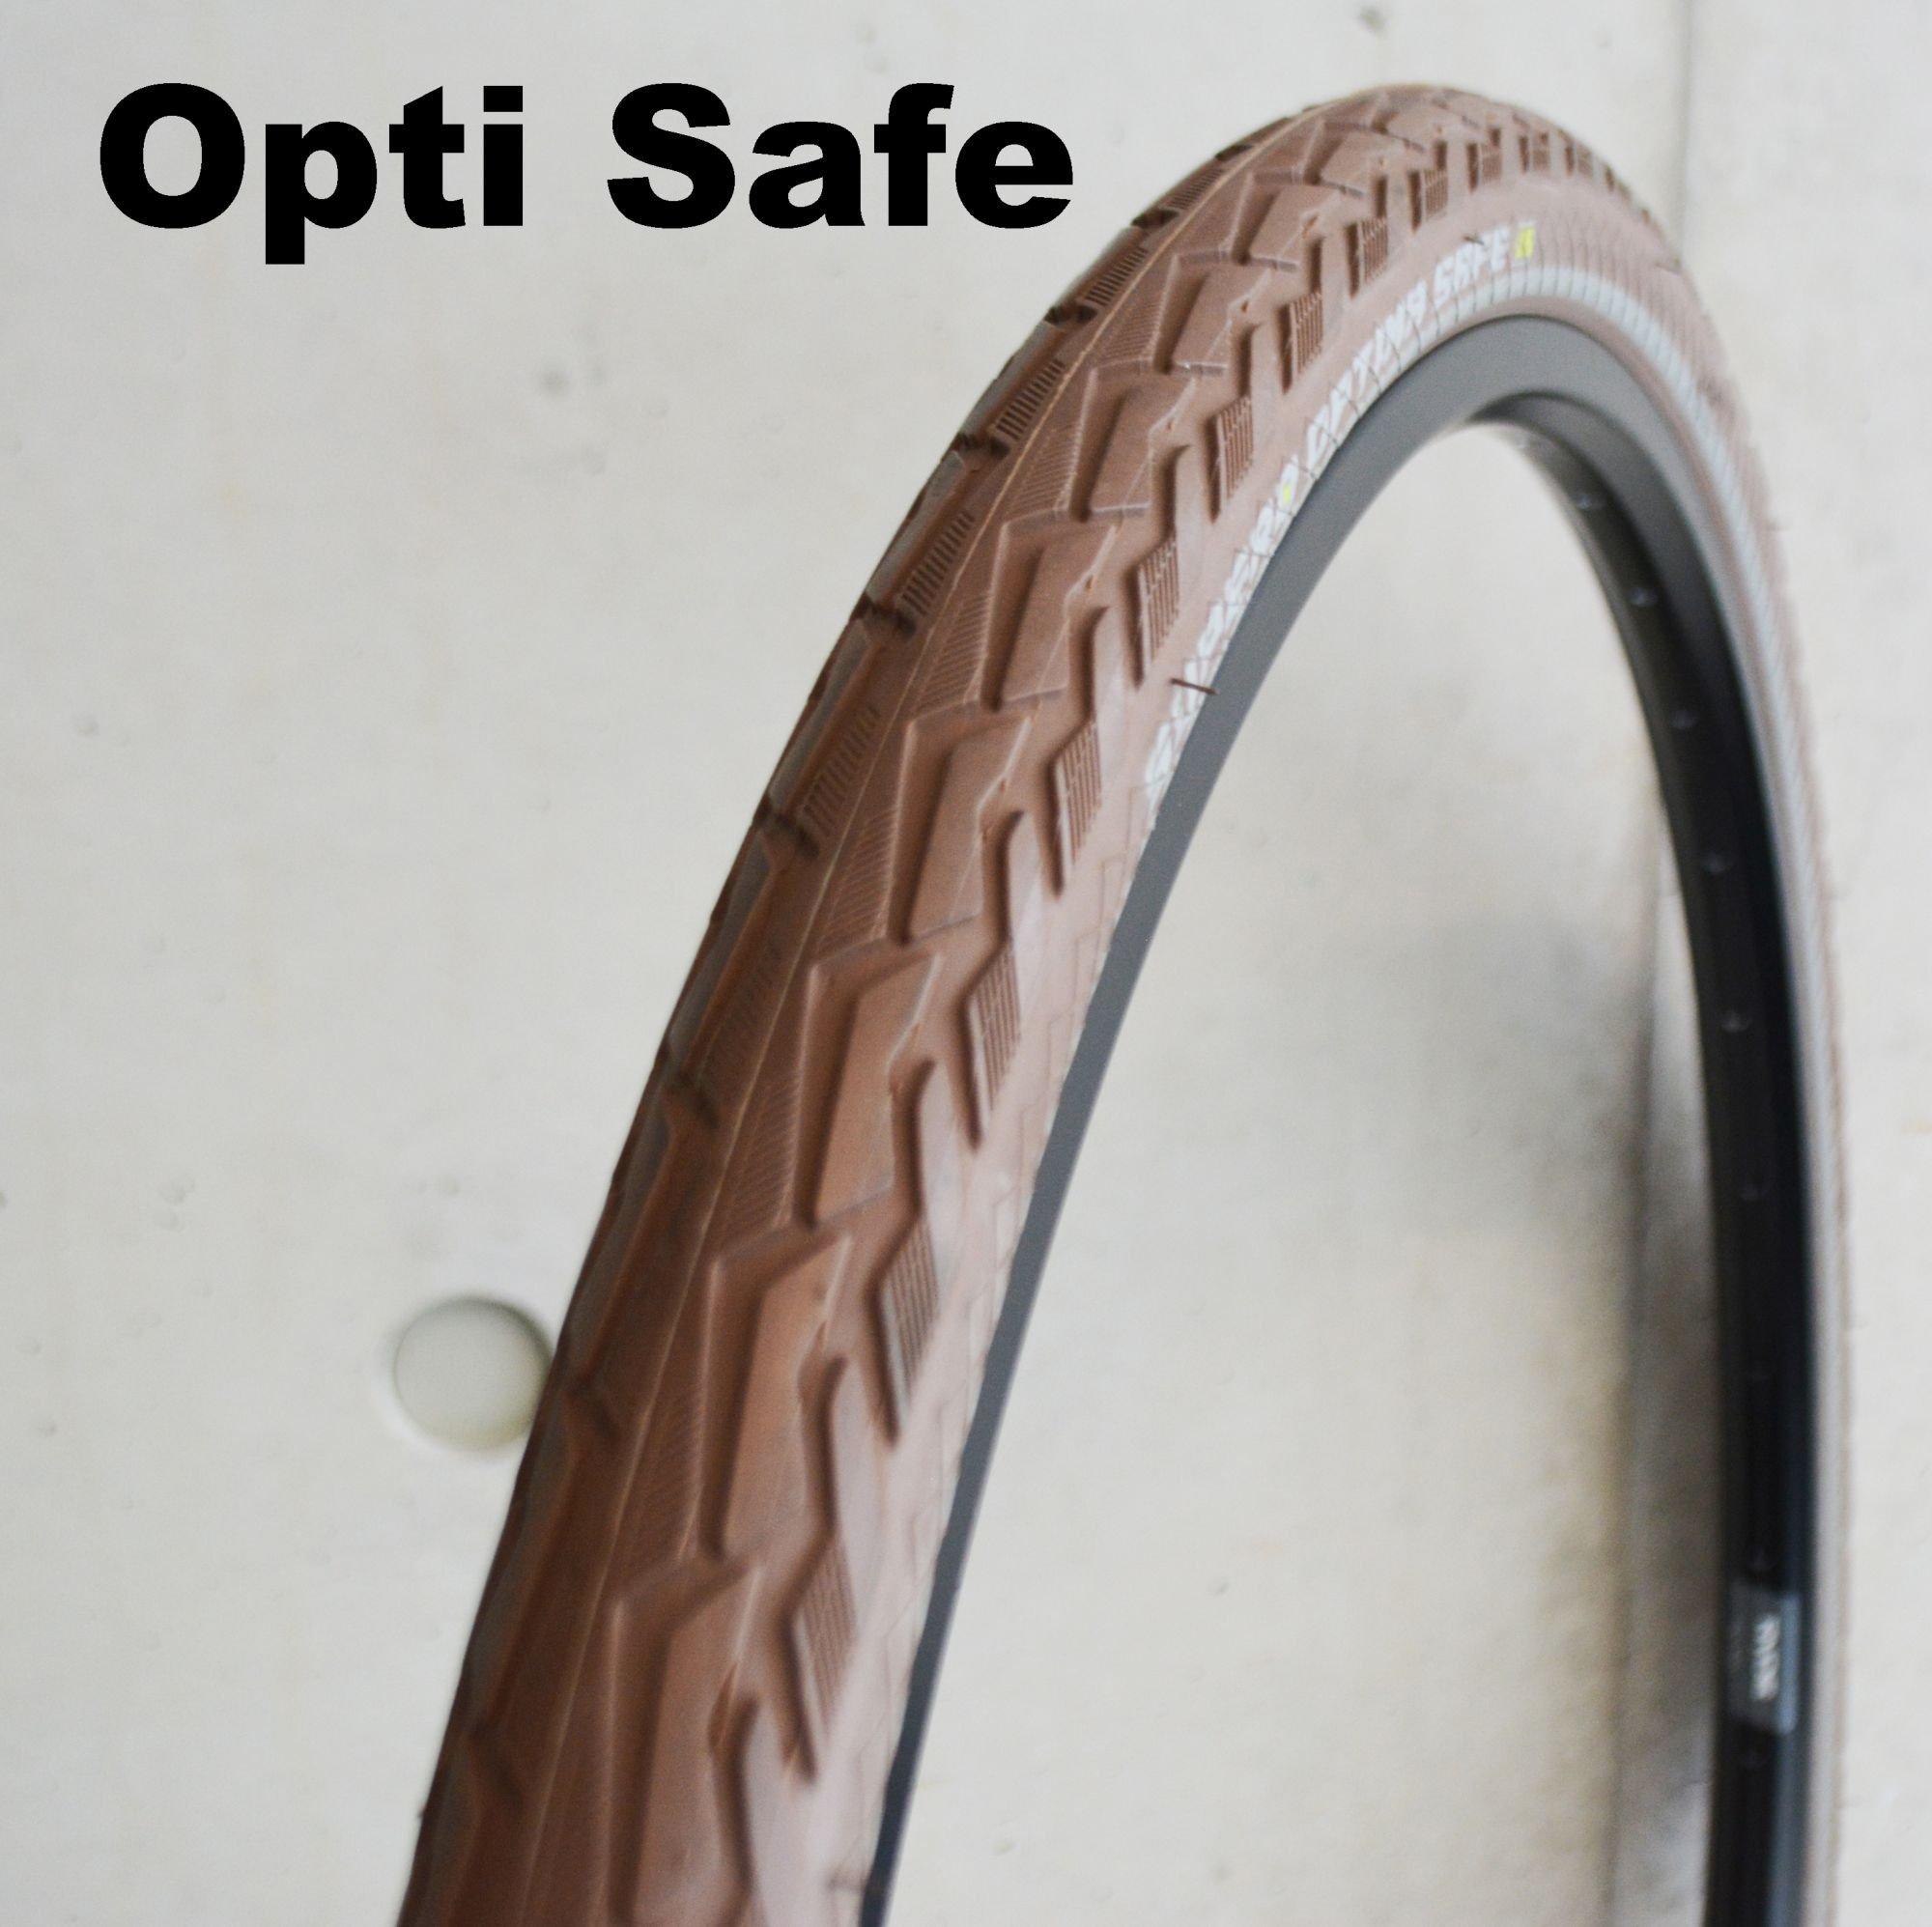 E-Bikes/Bereifung: Supero  E-Bike - Reifen - Drahtreifen- C 1880 - 28 Zoll OPTIMA SAFE (40-622)